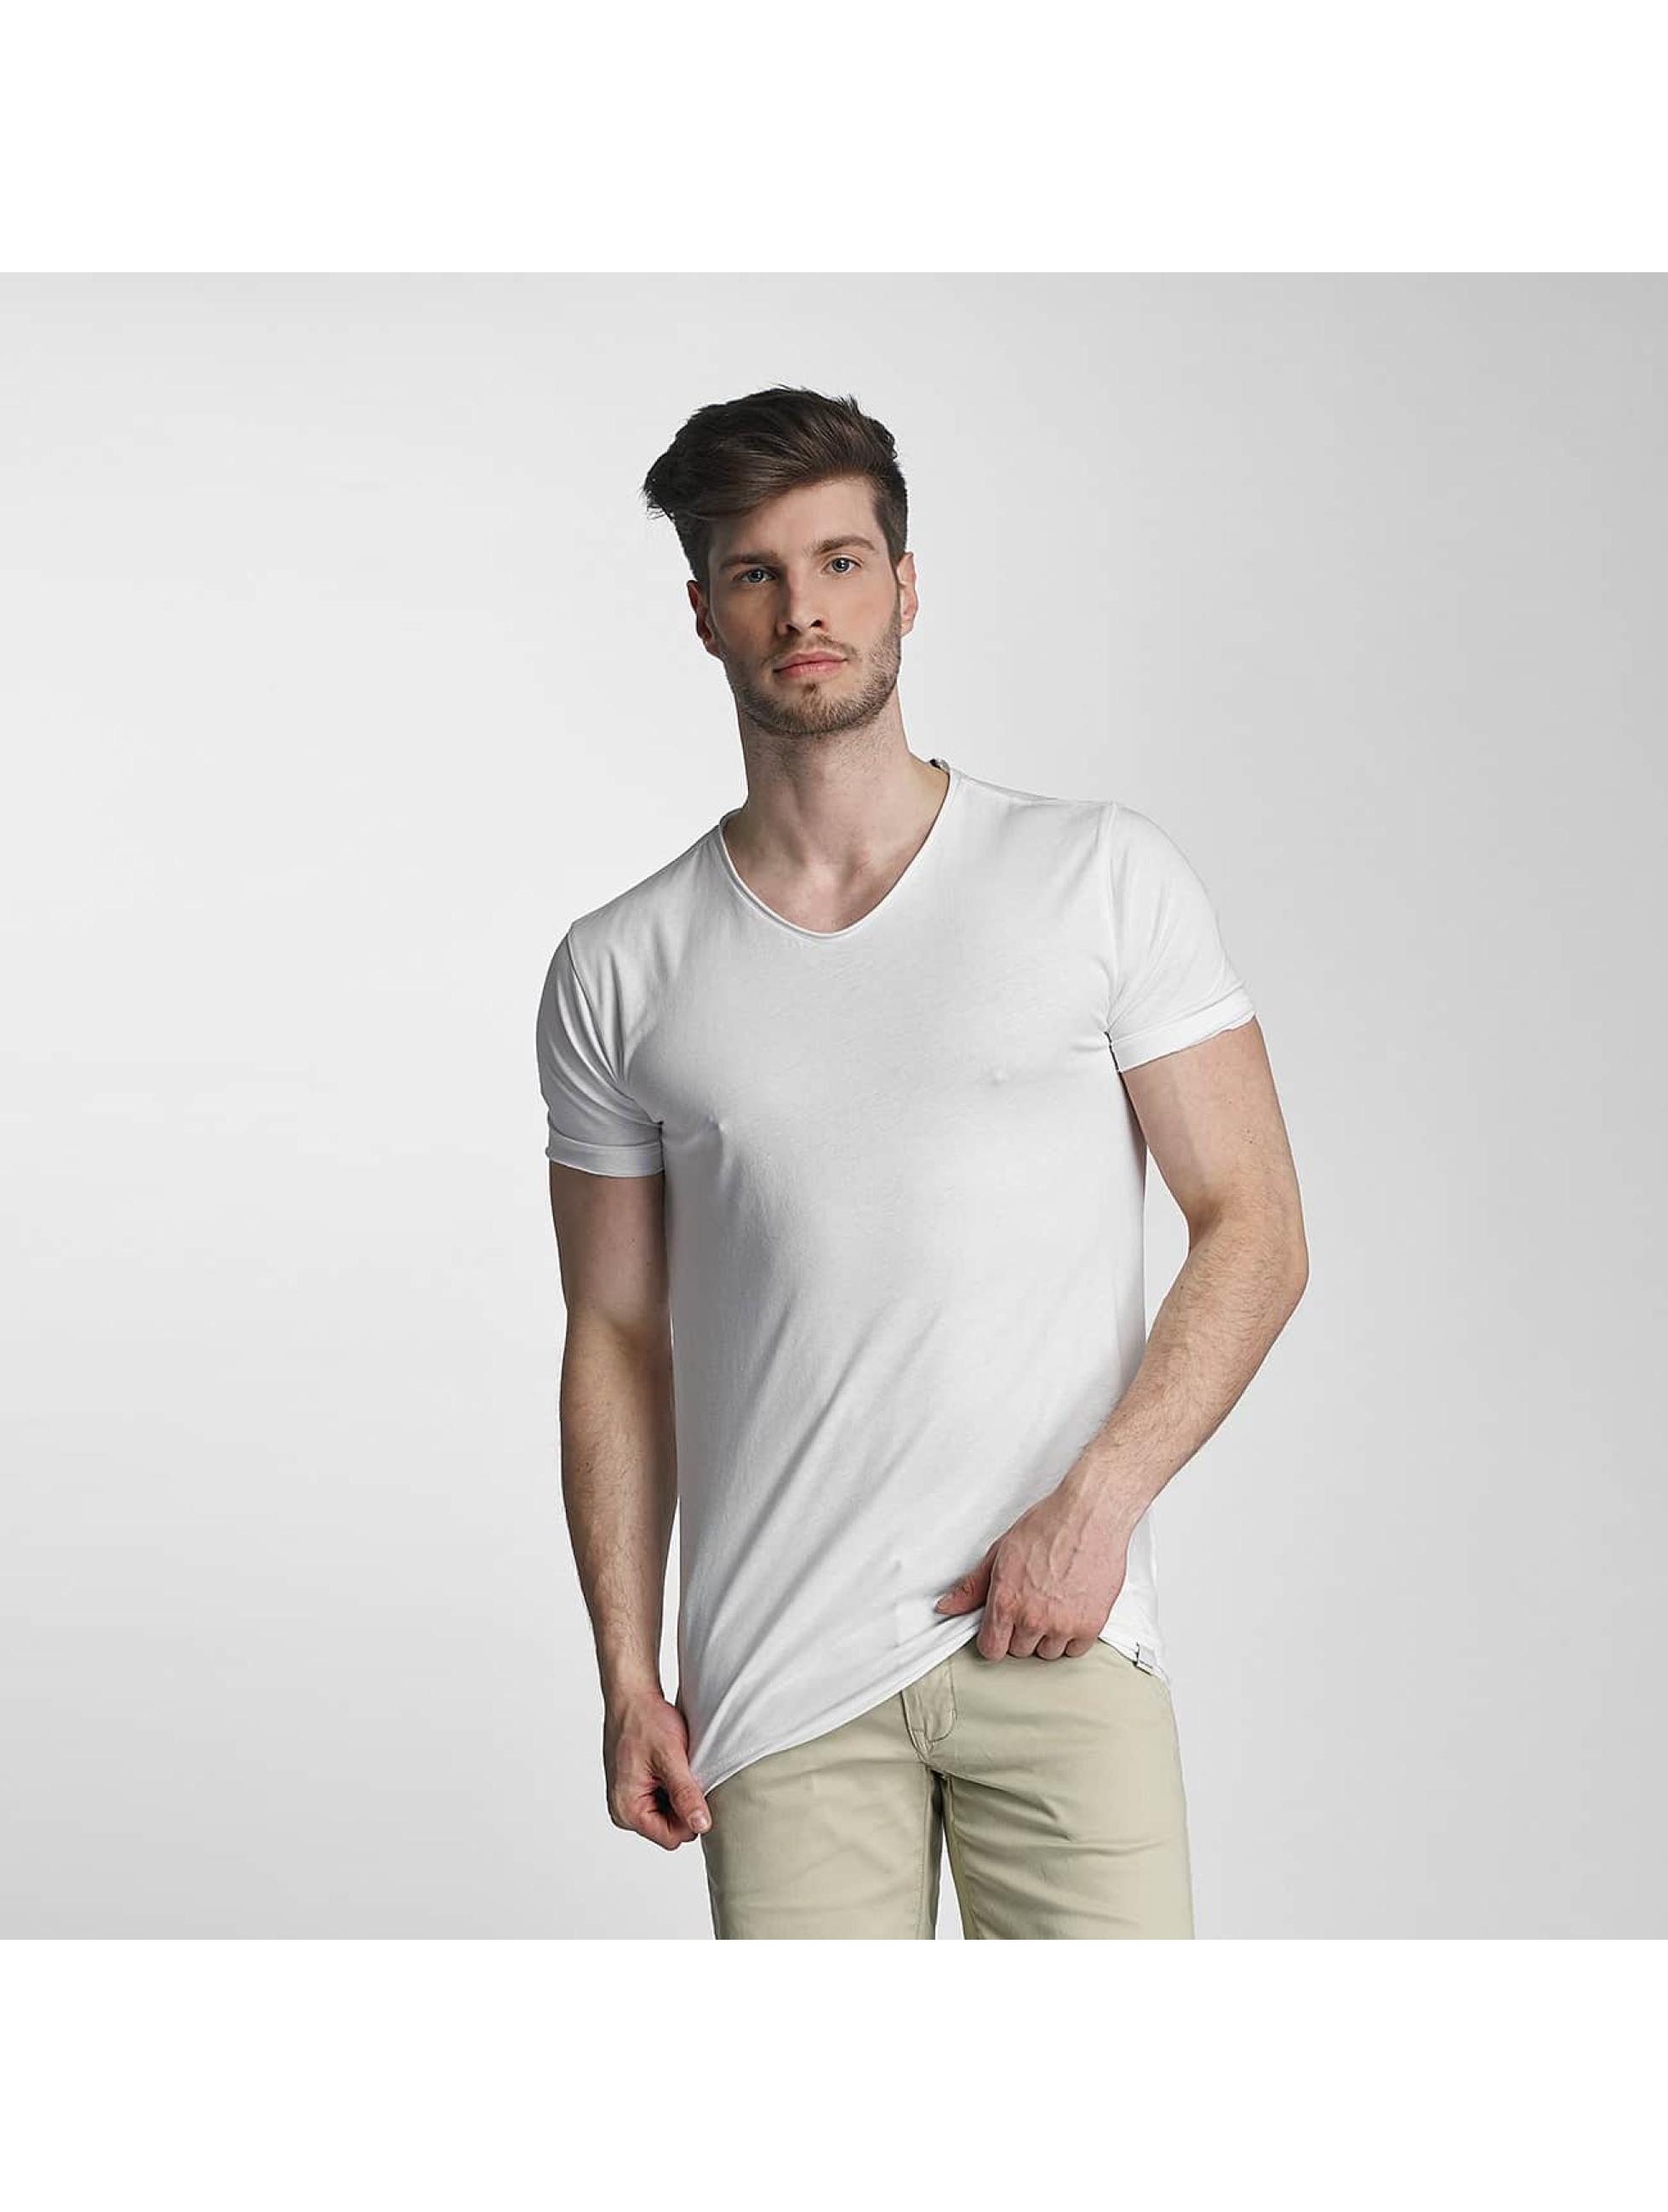 SHINE Original t-shirt Mélange wit